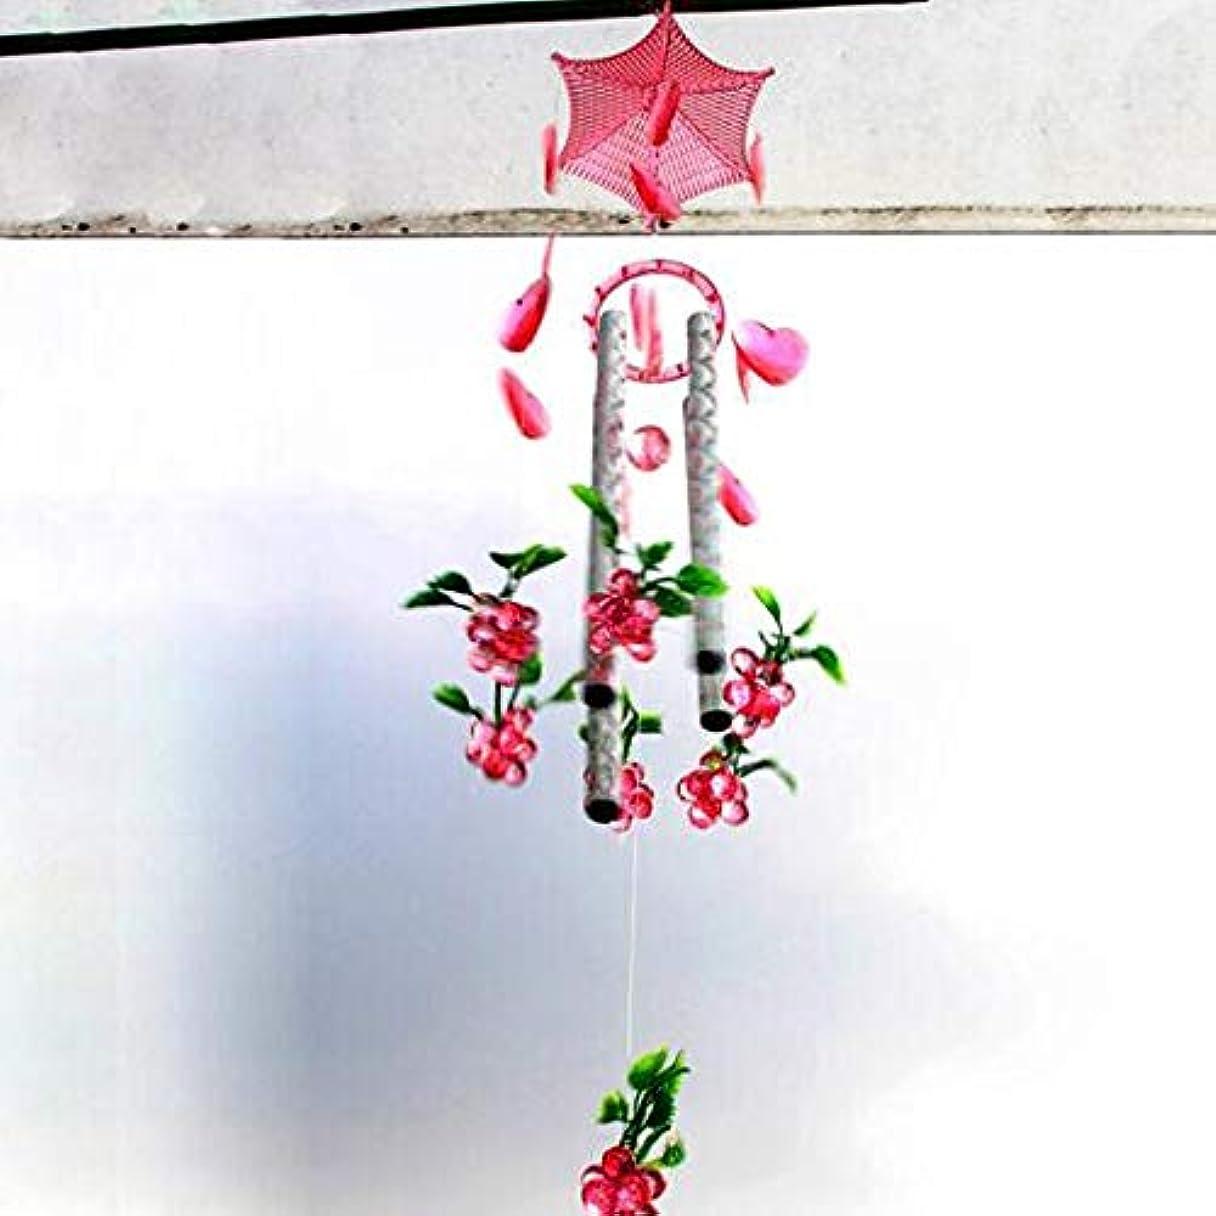 超えて肌晩ごはんYoushangshipin 風チャイム、プラスチック金属の庭ブドウ風の鐘、ブルー、全身について80CM,美しいギフトボックス (Color : Pink)